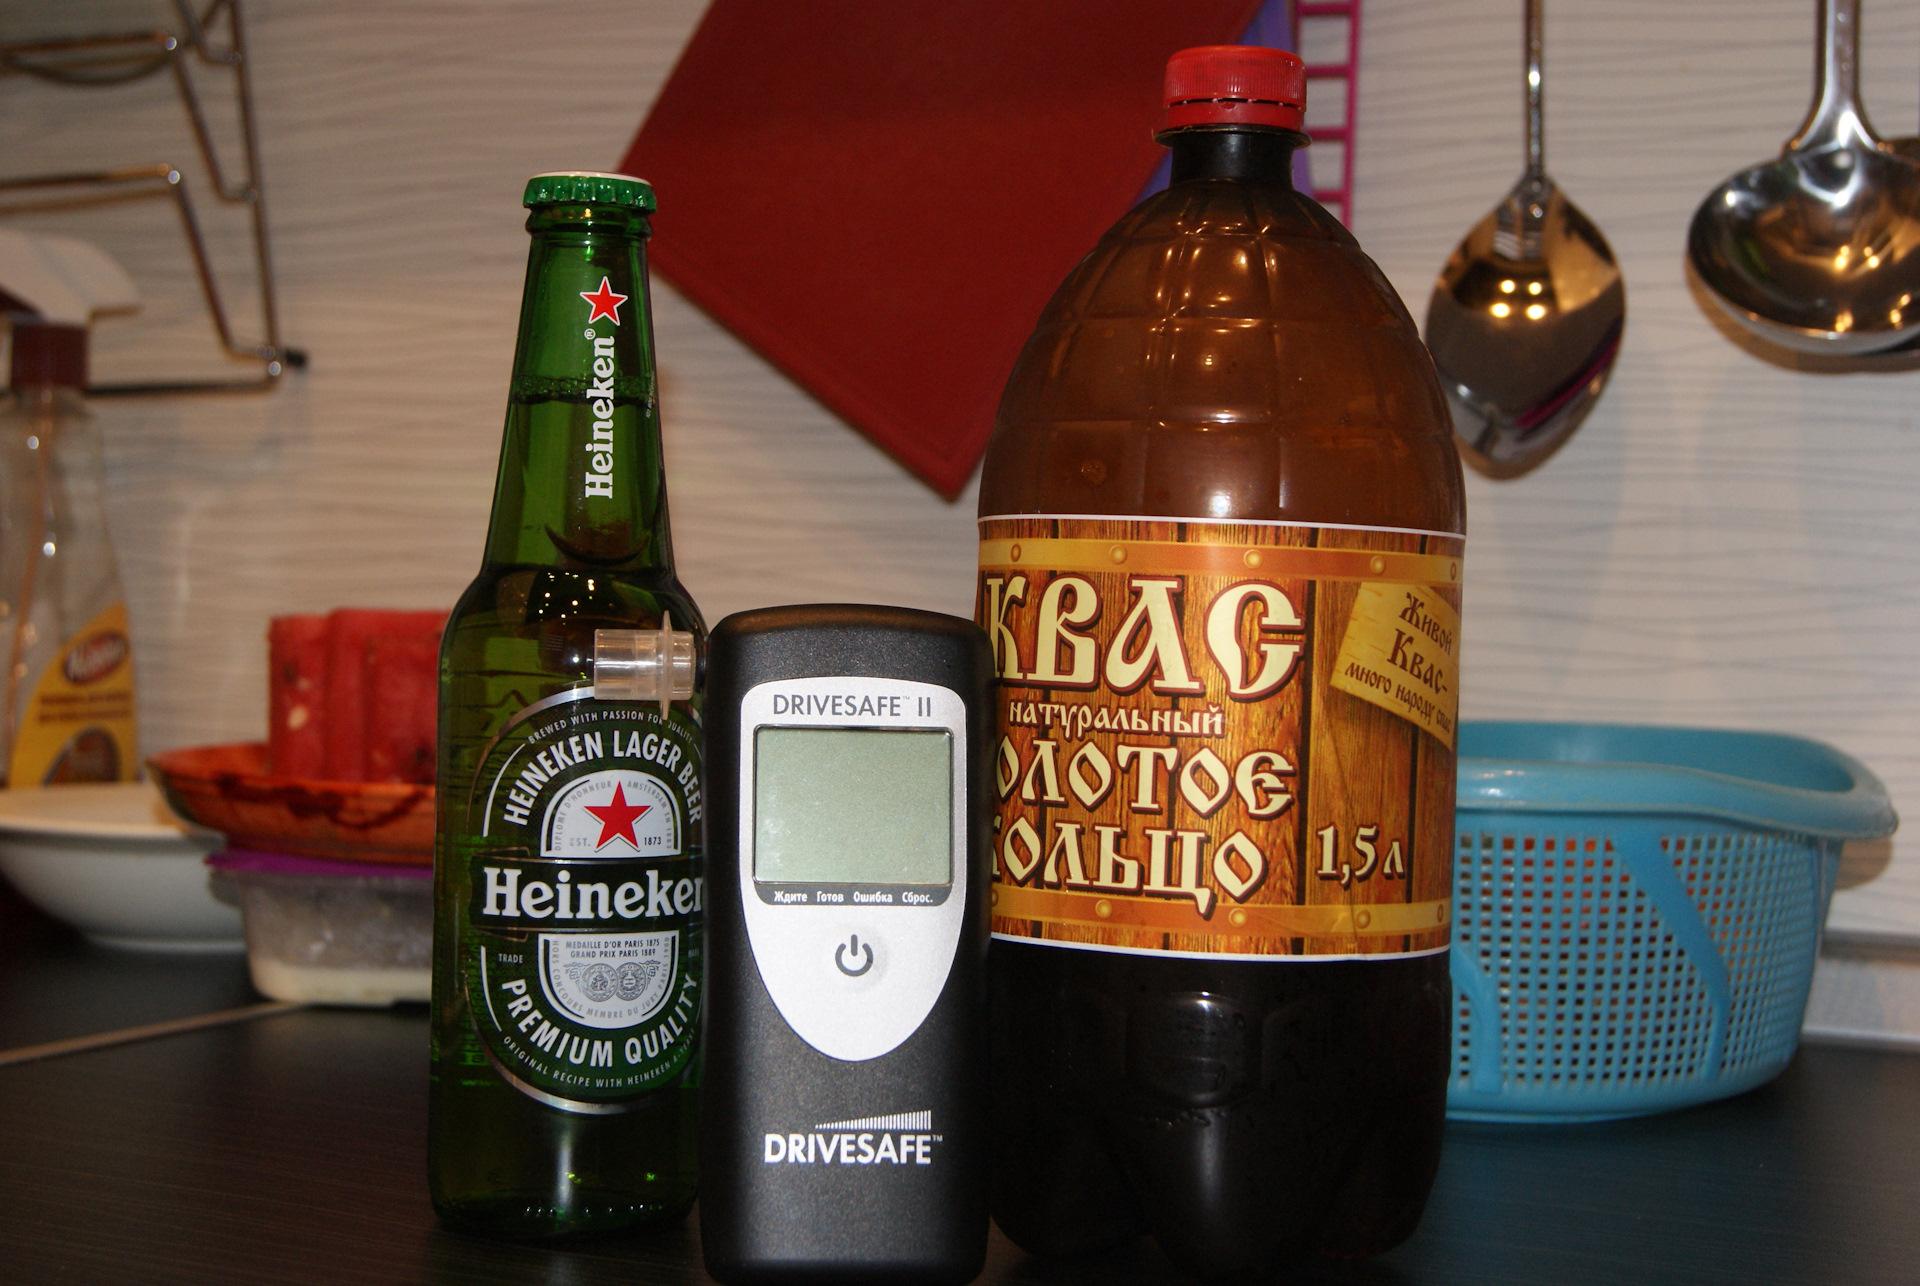 Покажет ли анализ крови пиво Прививочная карта 063 у Внуково